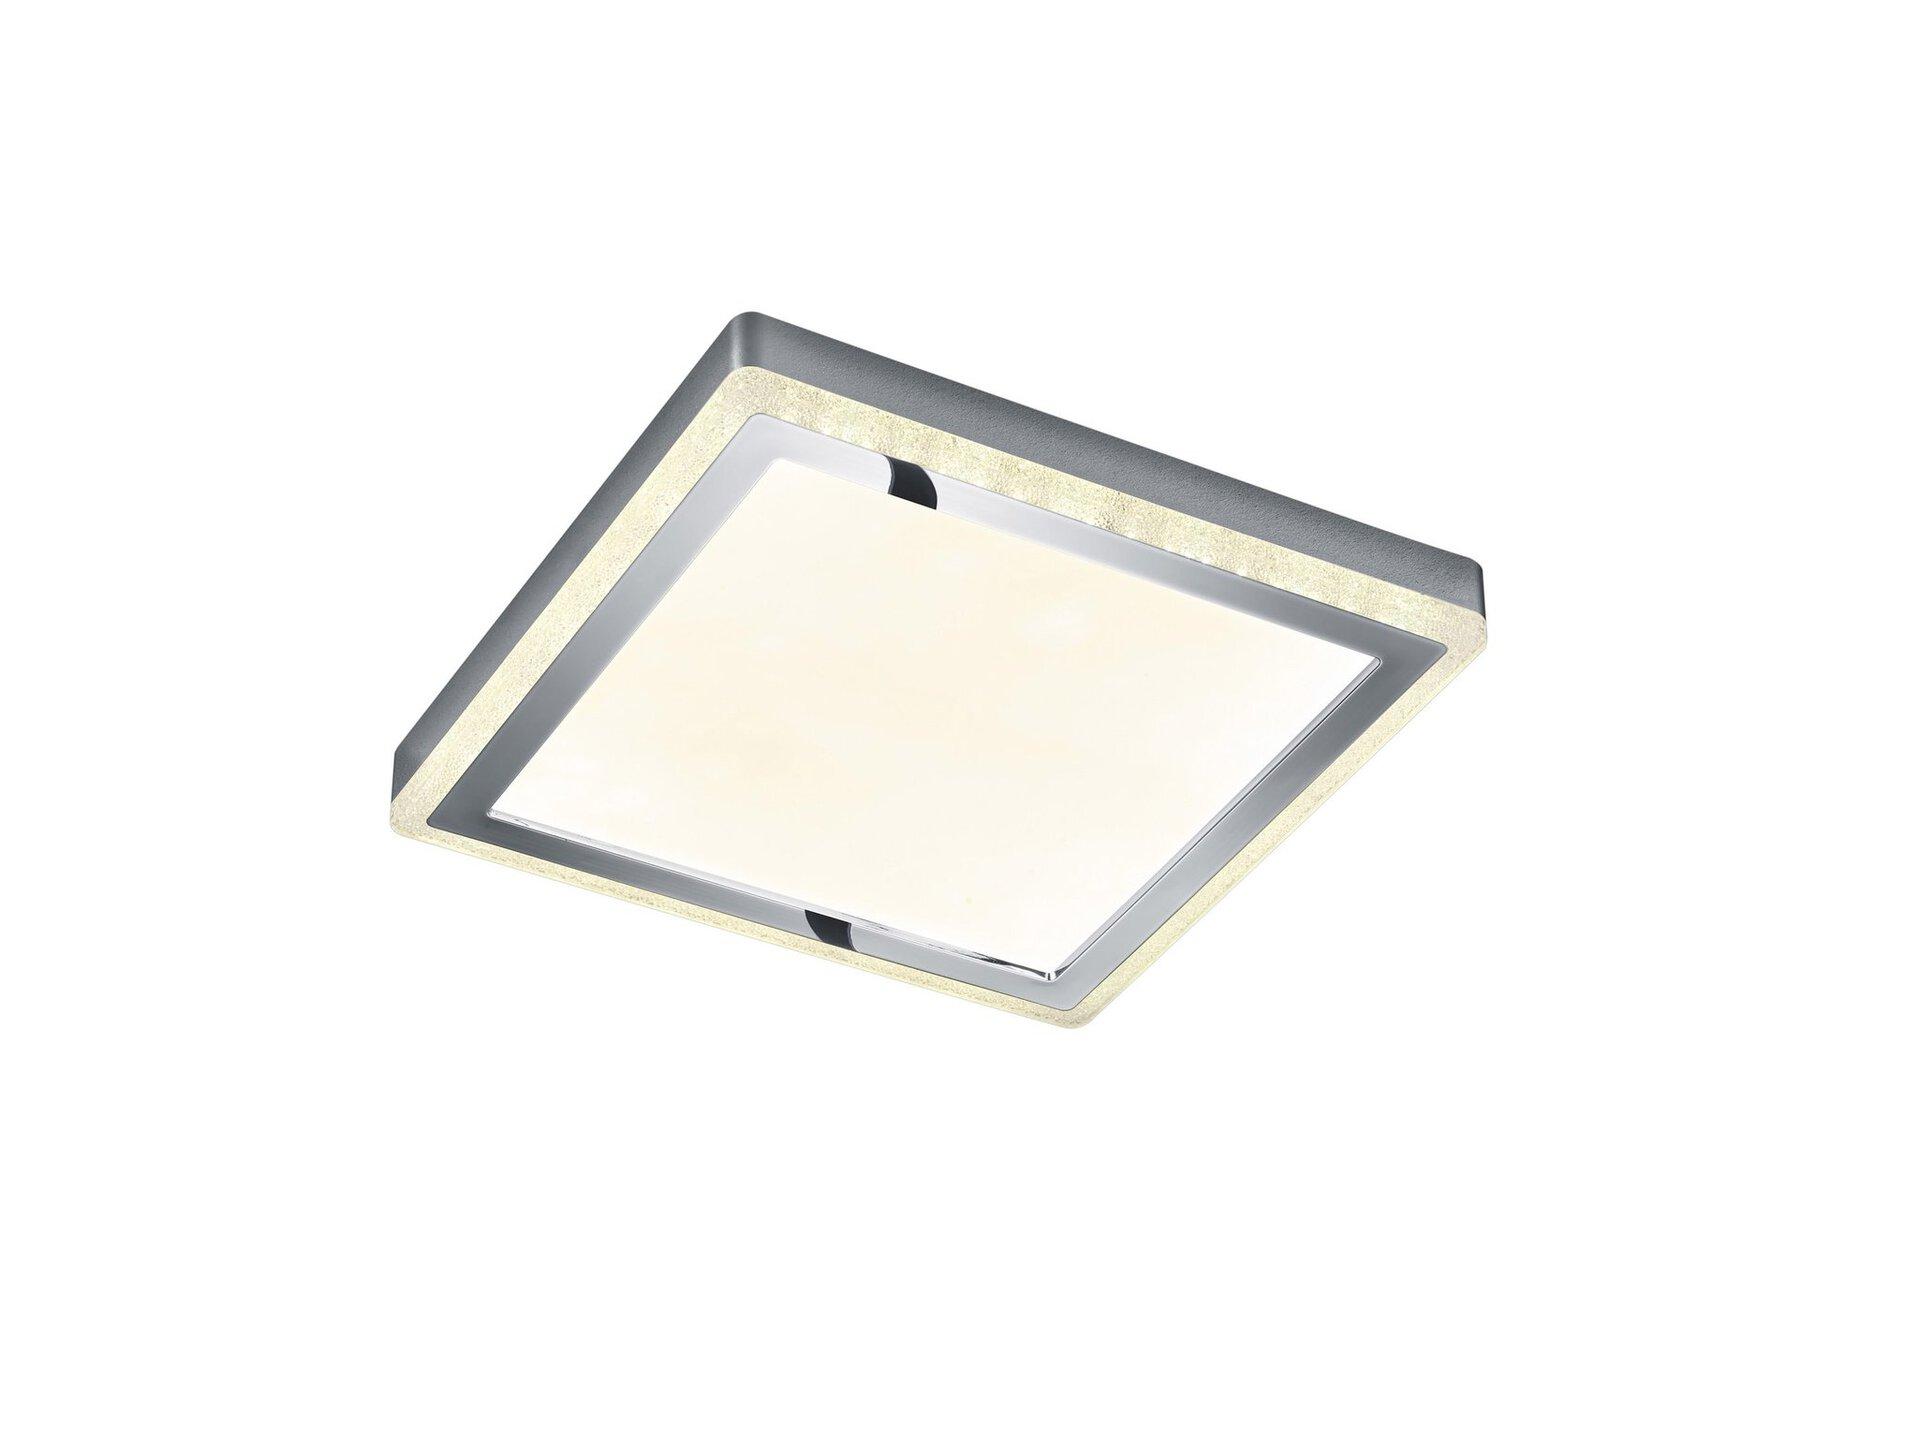 Deckenleuchte Slide Reality Leuchten Kunststoff 40 x 5 x 40 cm